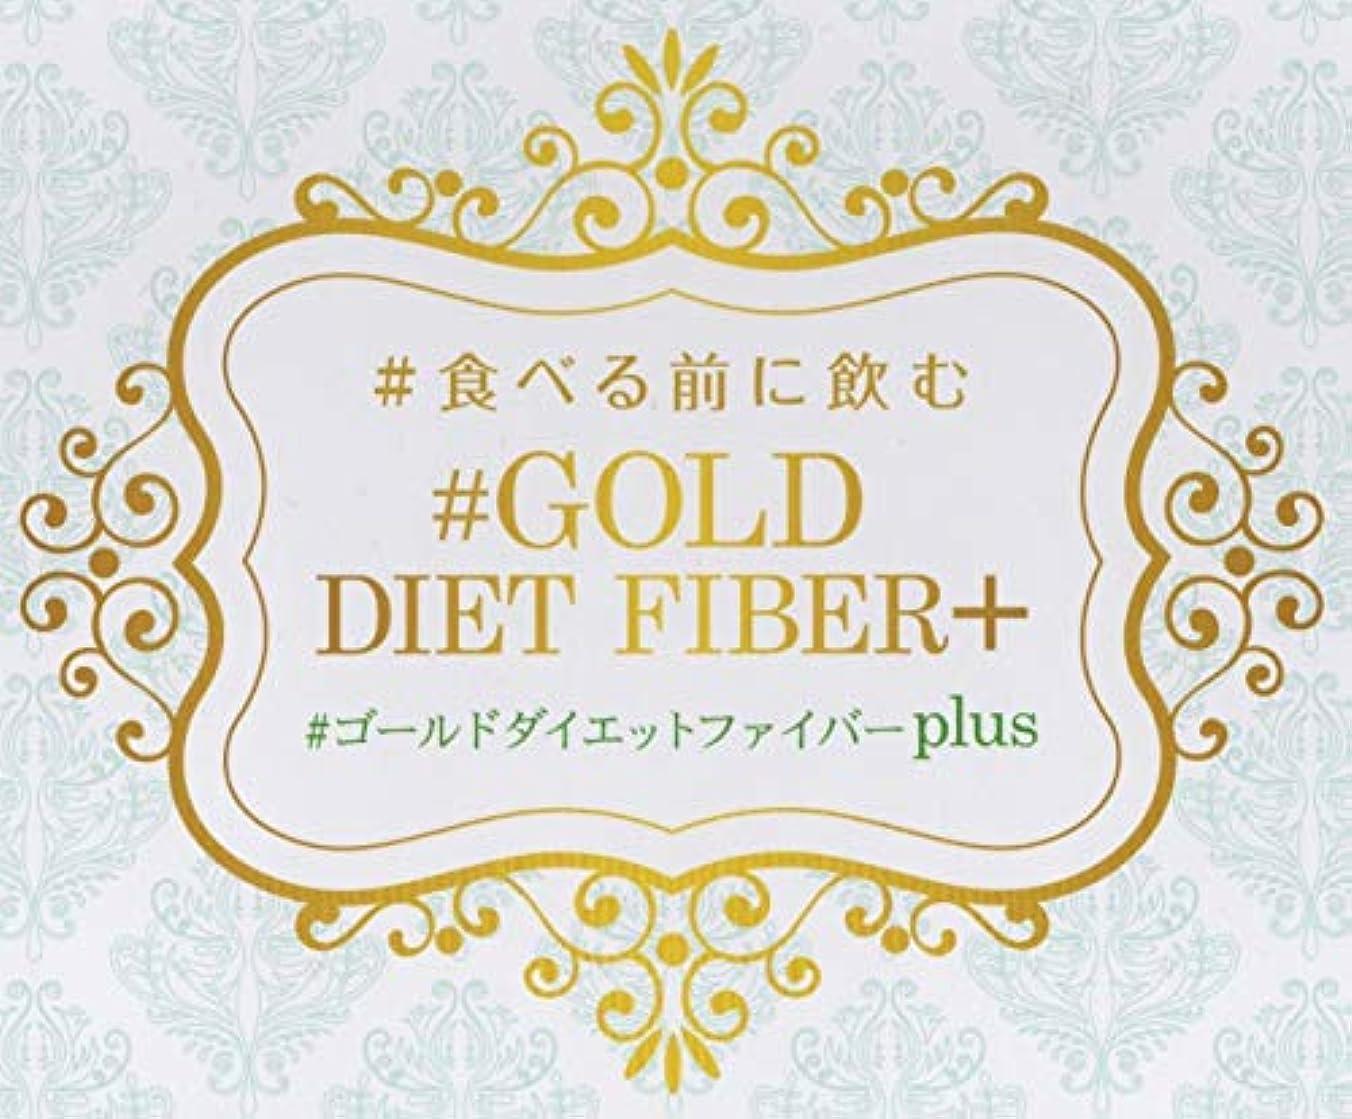 五余剰委員長食べる前に飲む ゴールド ダイエット ファイバー [お試し価格](水溶性食物繊維とマルチビタミン)[ほんのりレモン味]